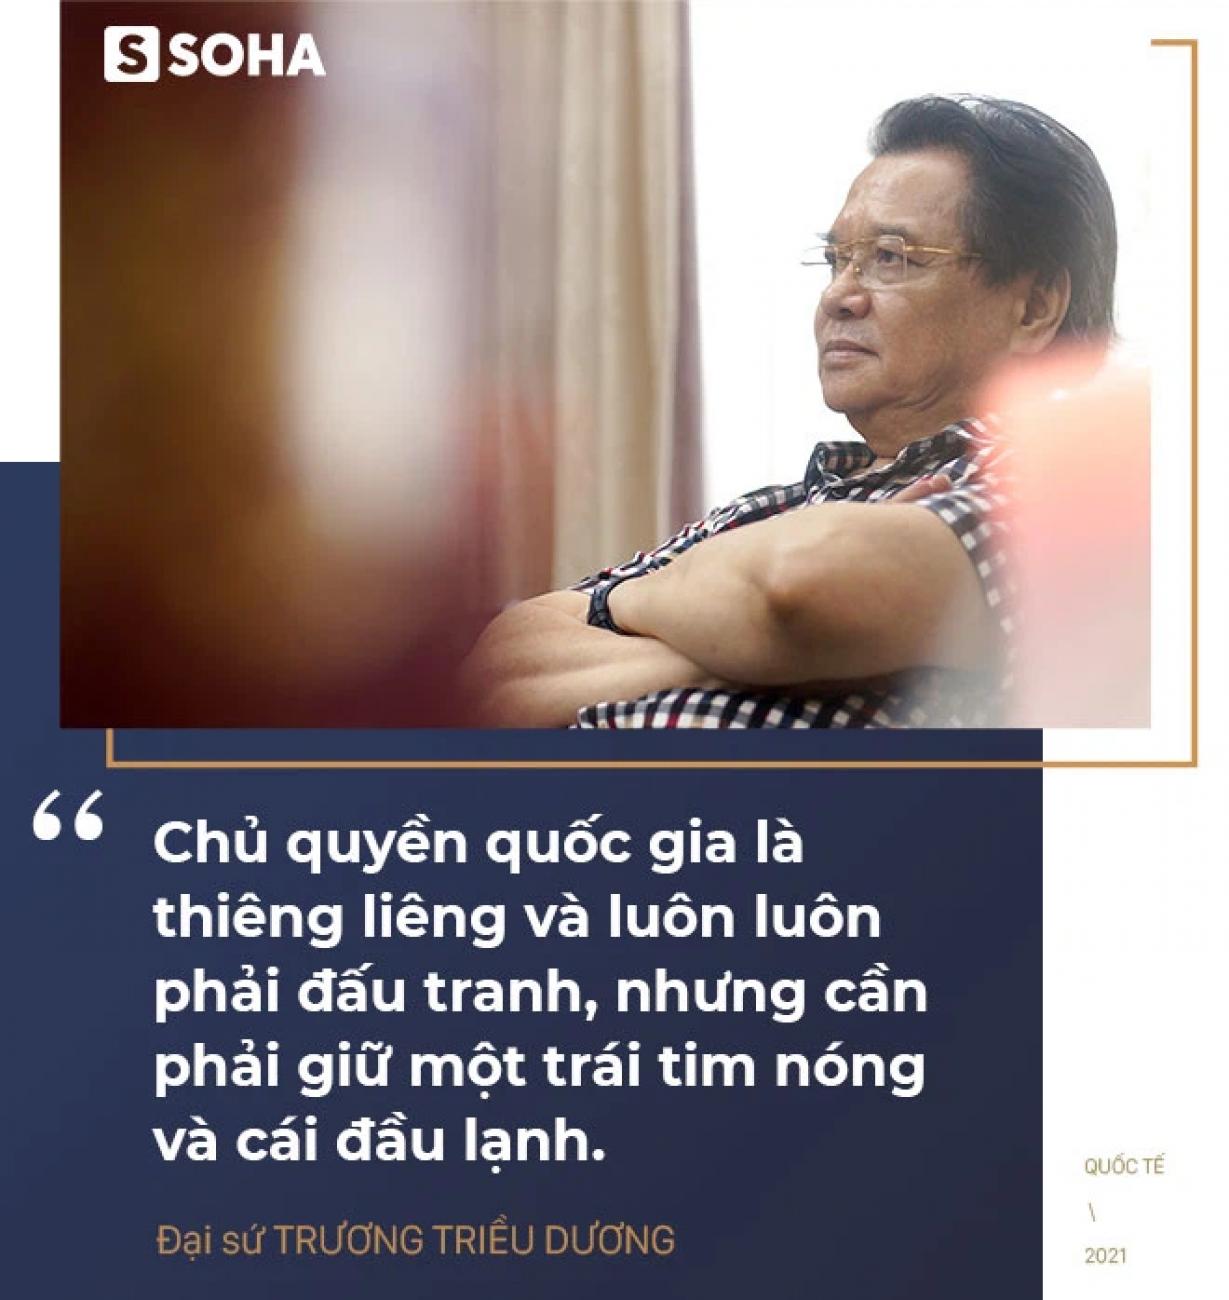 Chuyên gia Mỹ nhận định TQ dùng chiêu trò cũ ở đá Ba Đầu, Đại sứ Trương Triều Dương chỉ rõ bài học của Philippines ở Scarborough - Ảnh 6.